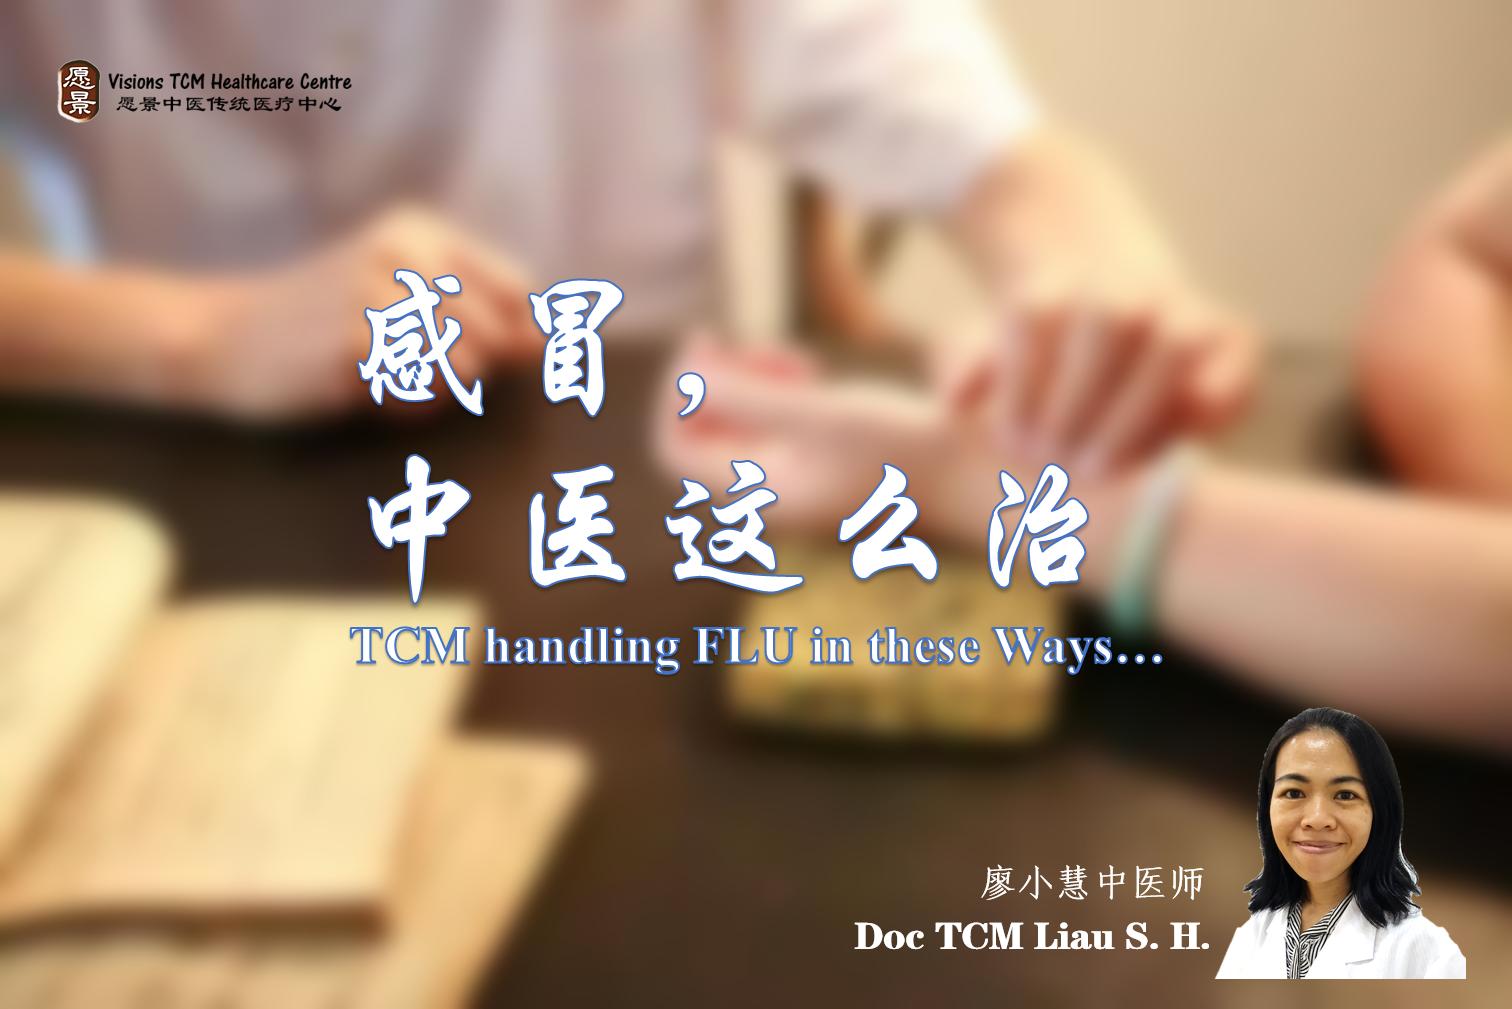 【感冒,中医这么治】TCM handling FLU in these Ways – 廖小慧中医师